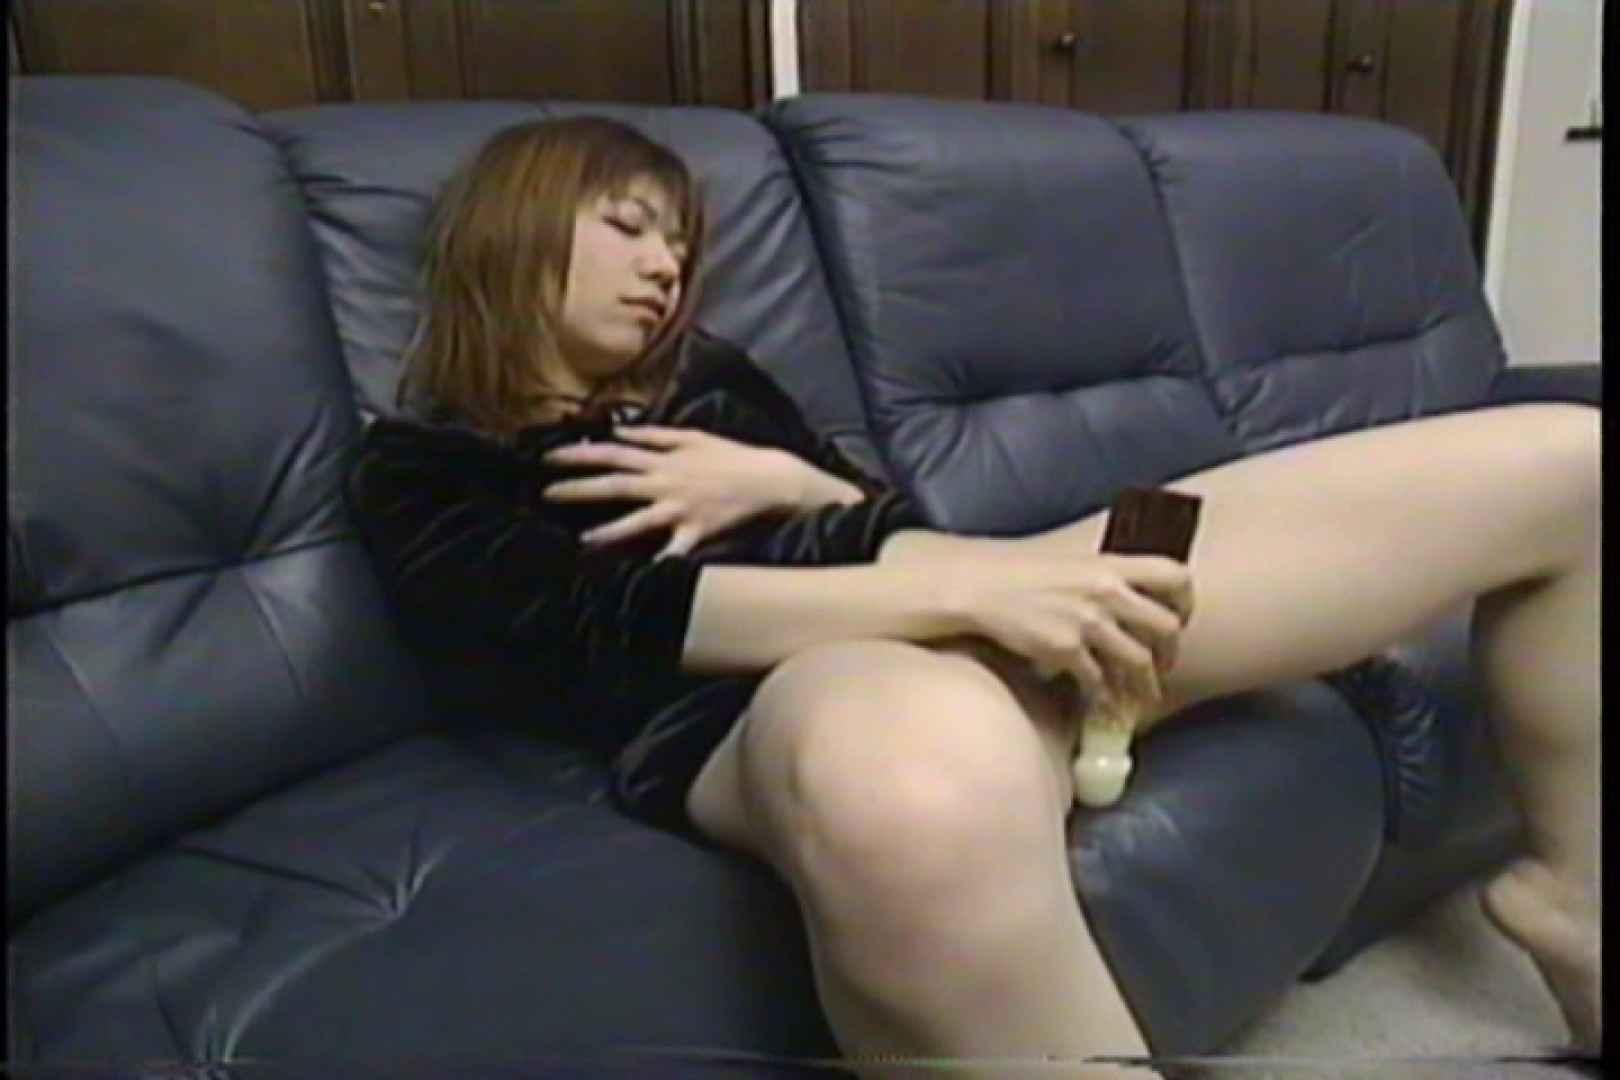 かわいい人妻、巨乳が疼いて止まらない~飯島れいか~ 巨乳に挟まれたい 濡れ場動画紹介 106pic 59